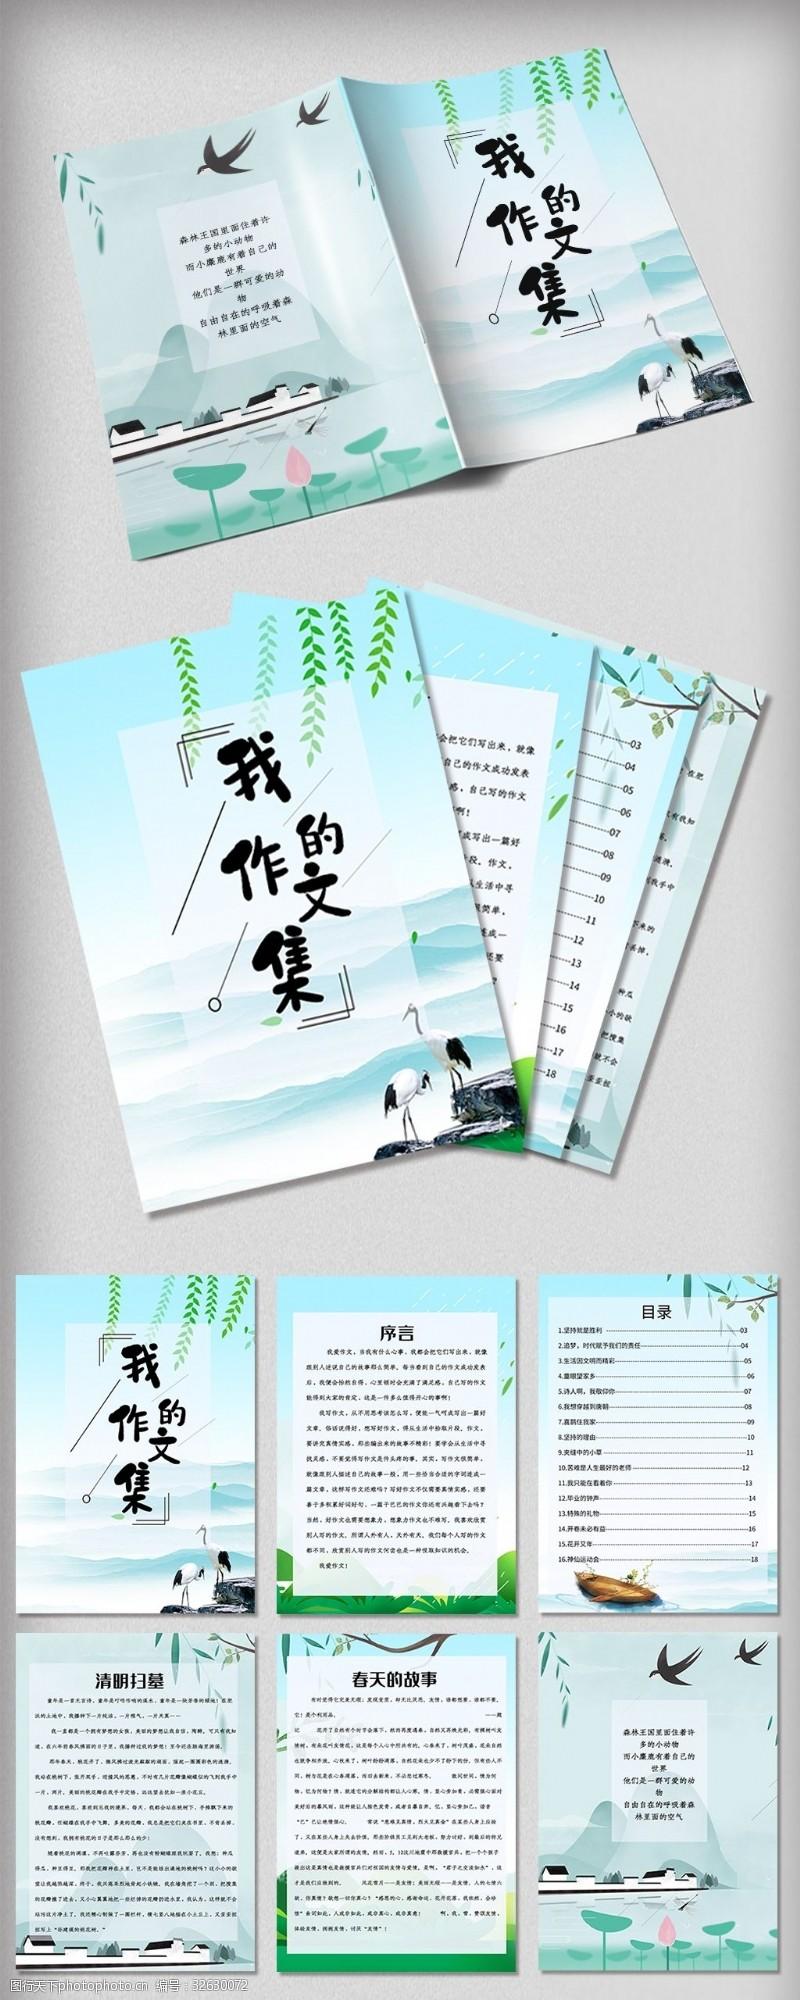 春天清江南系列作文集封面電子免費模板